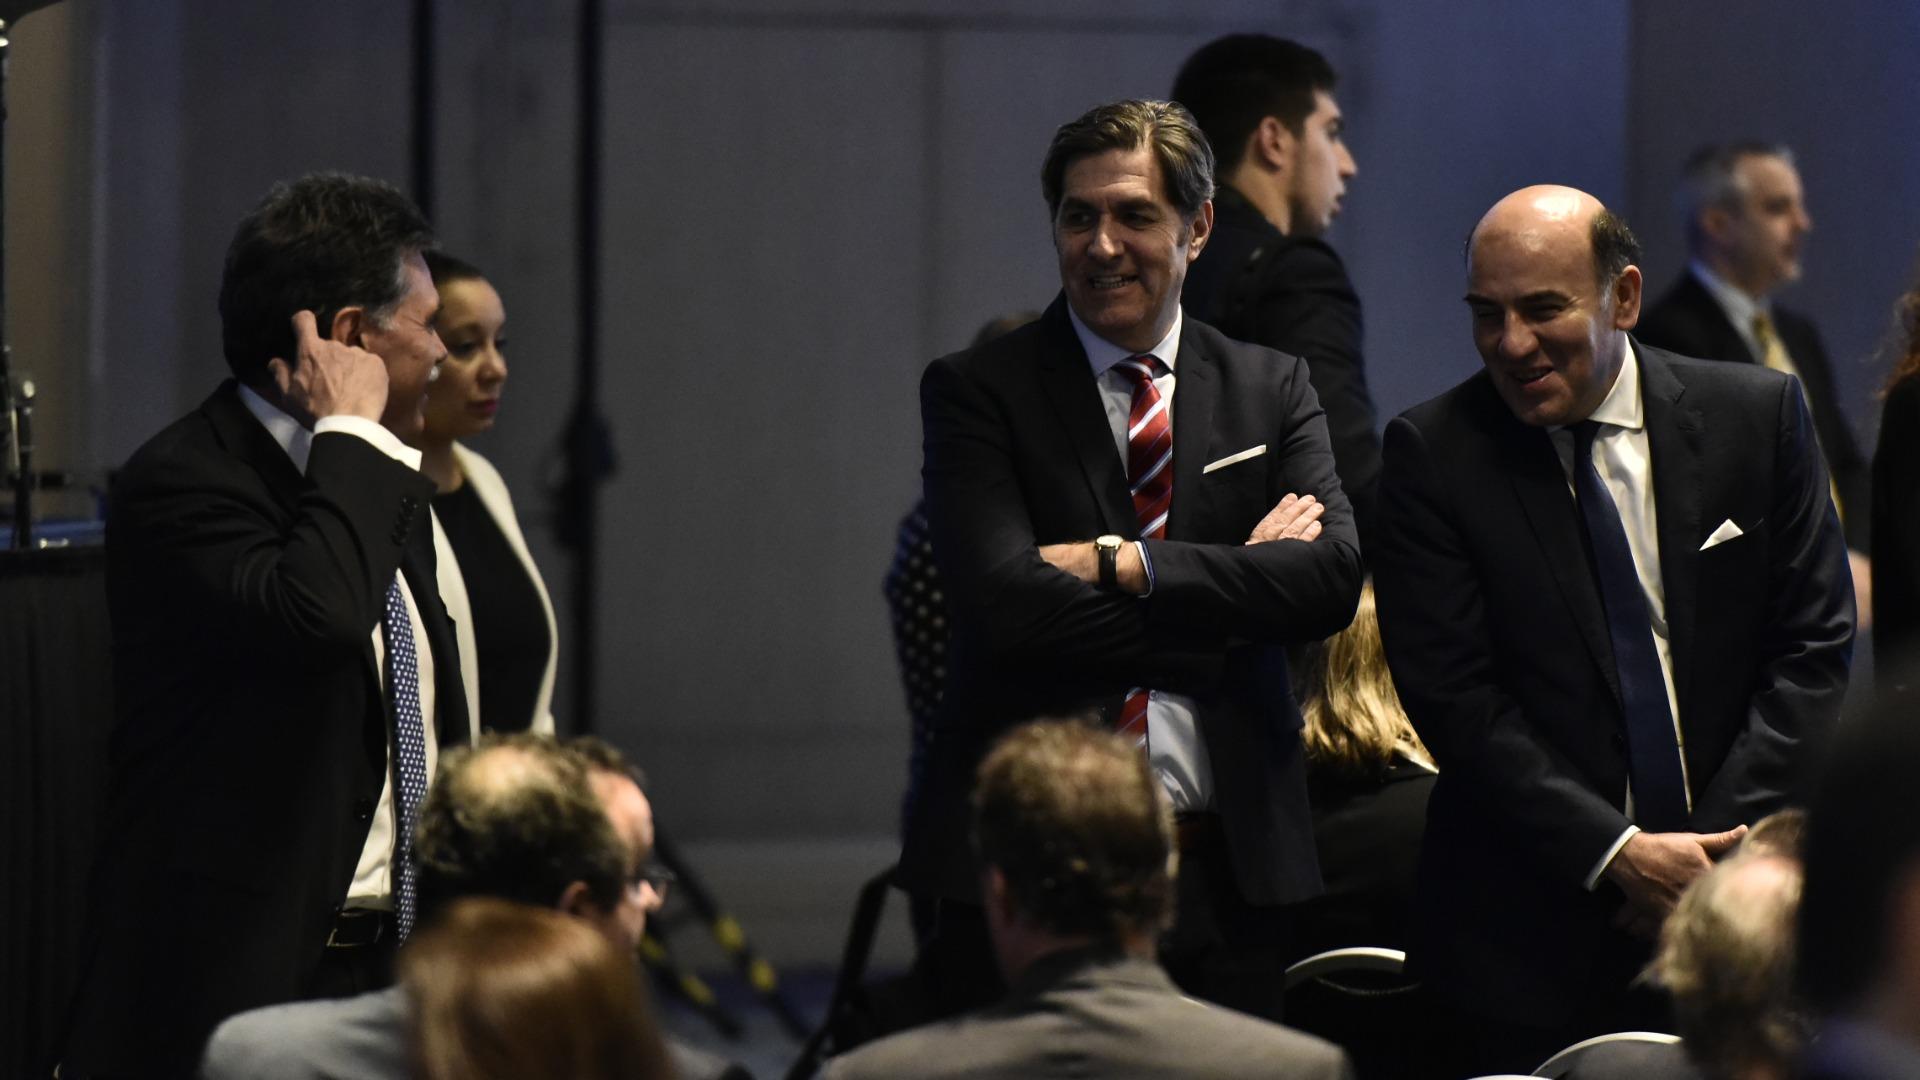 El juez federal Juan Carlos Geminiani, de brazos cruzados, y a su izquierda el juez Diego Barrotaveña, de la Cámara Federal de Casación